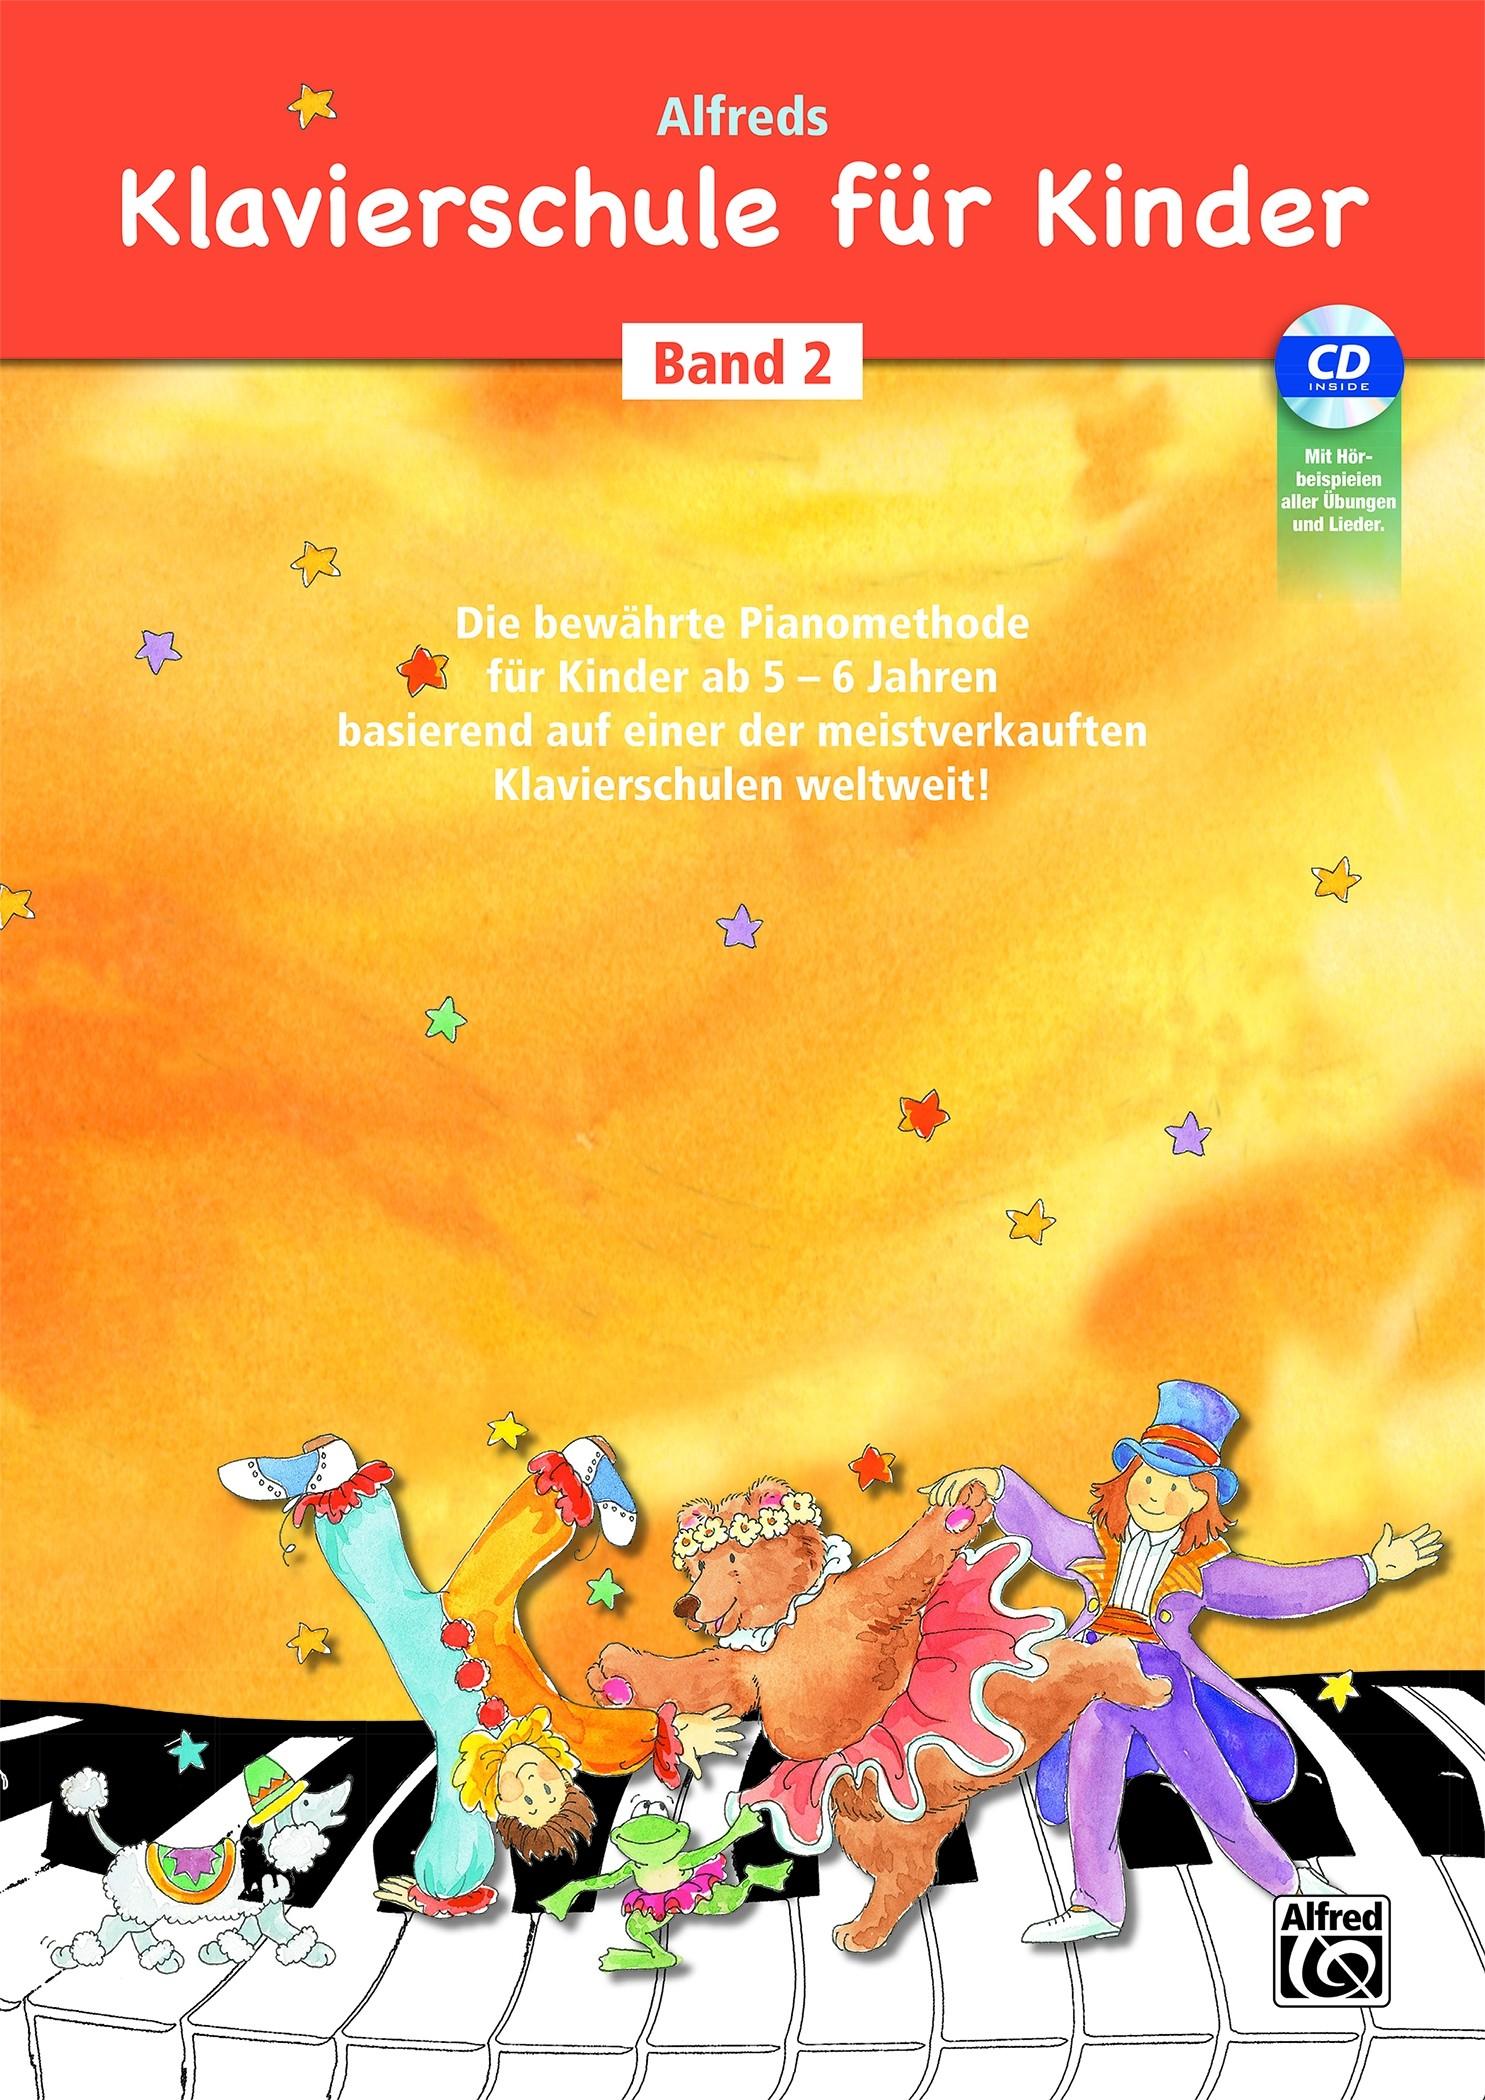 Alfred's Klavierschule für Kinder - Band 2